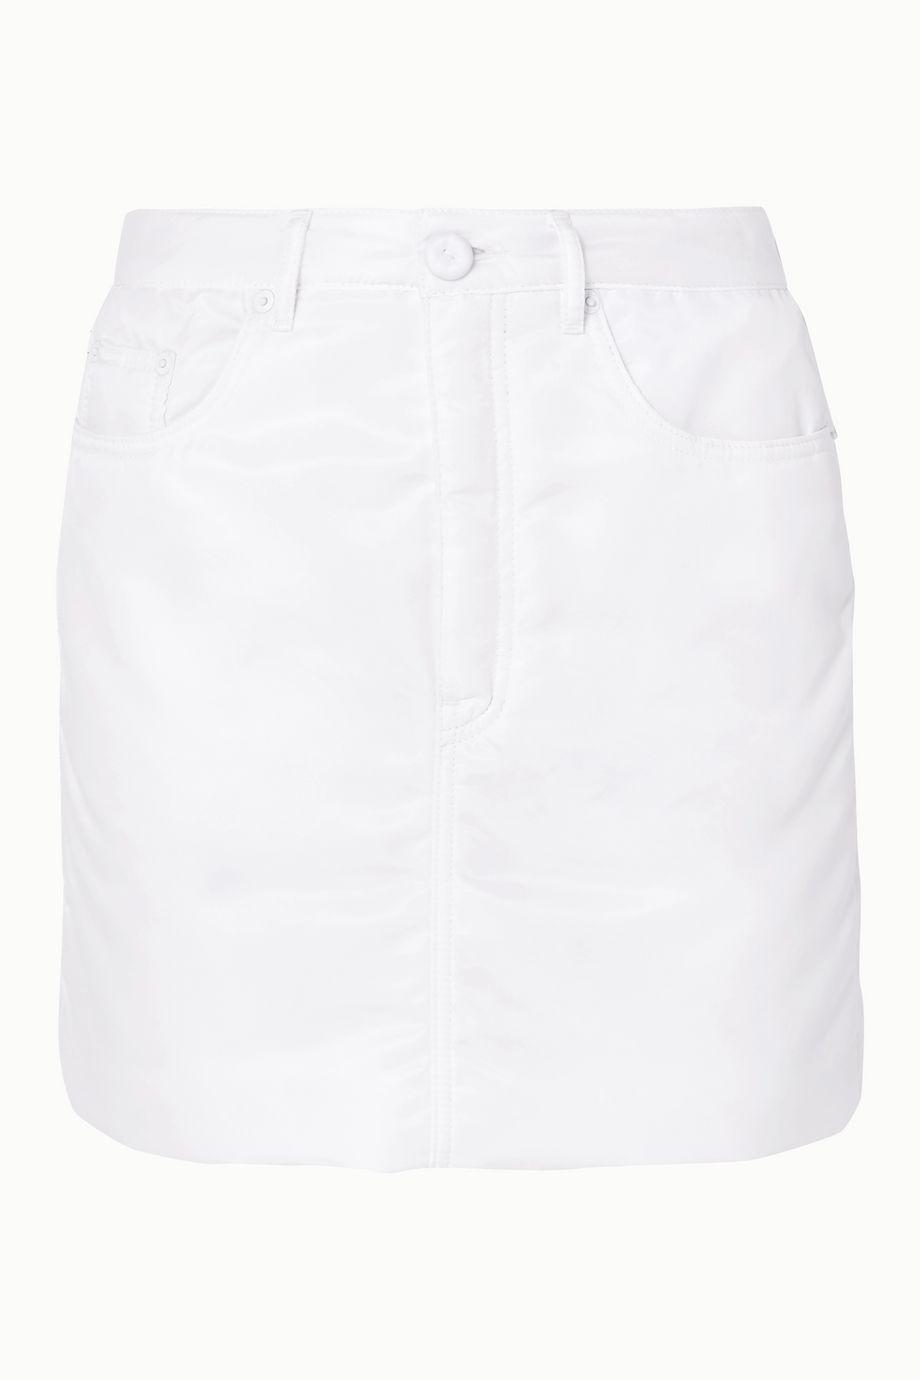 MM6 Maison Margiela Padded shell mini skirt